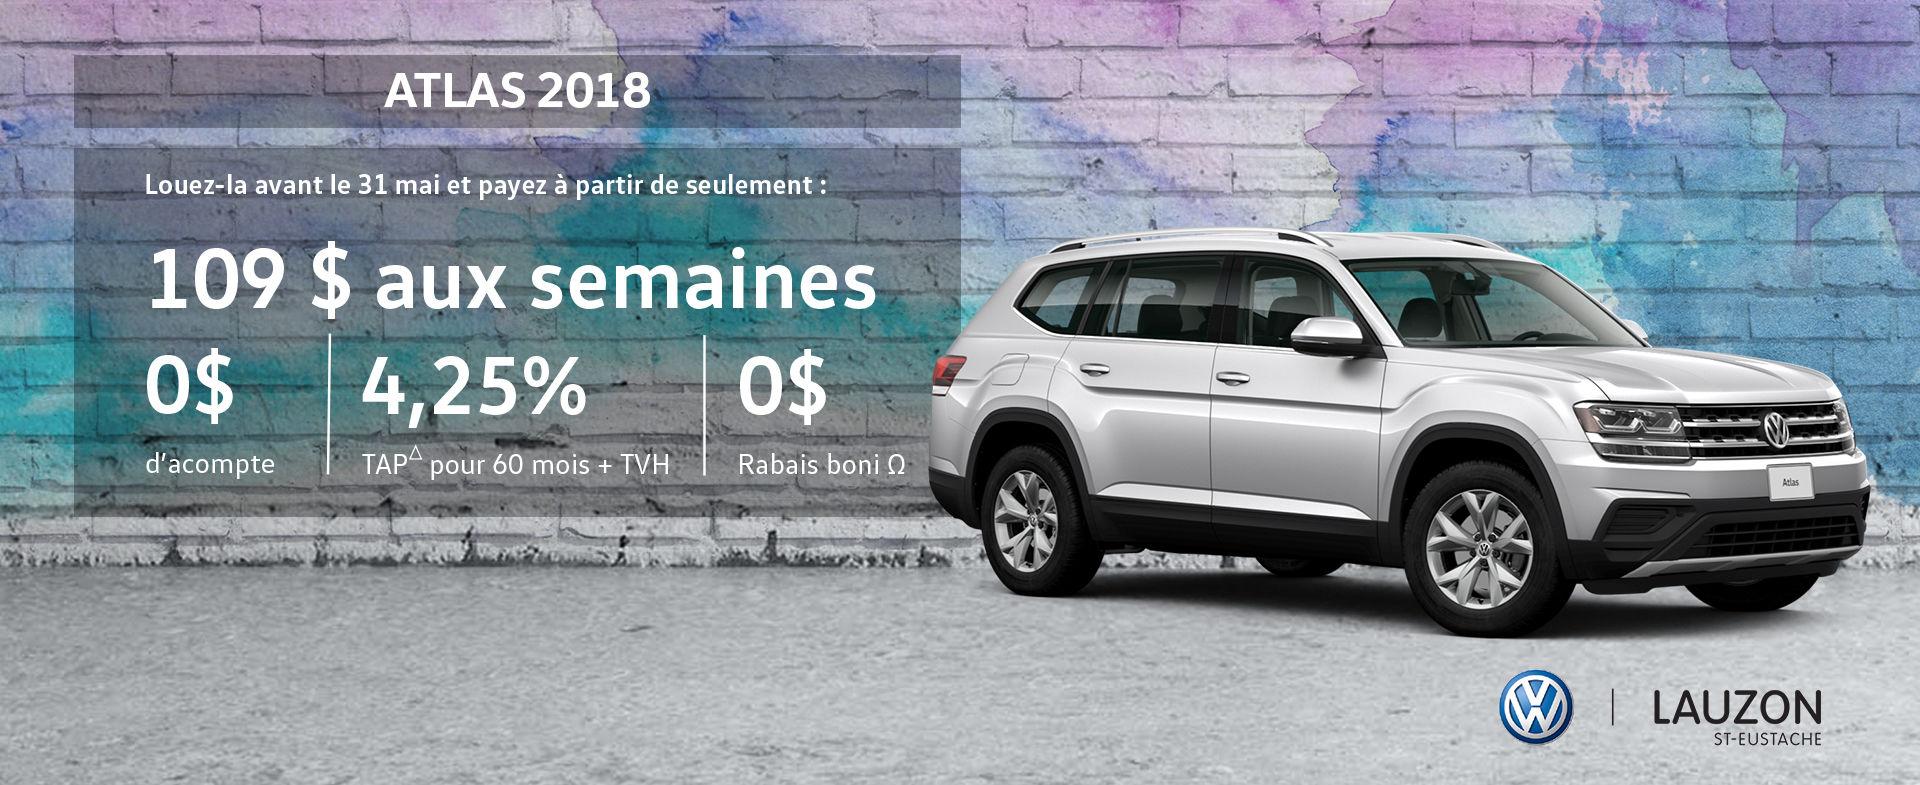 Promotion mai 2018 Volkswagen Atlas VW Lauzon St-Eustache